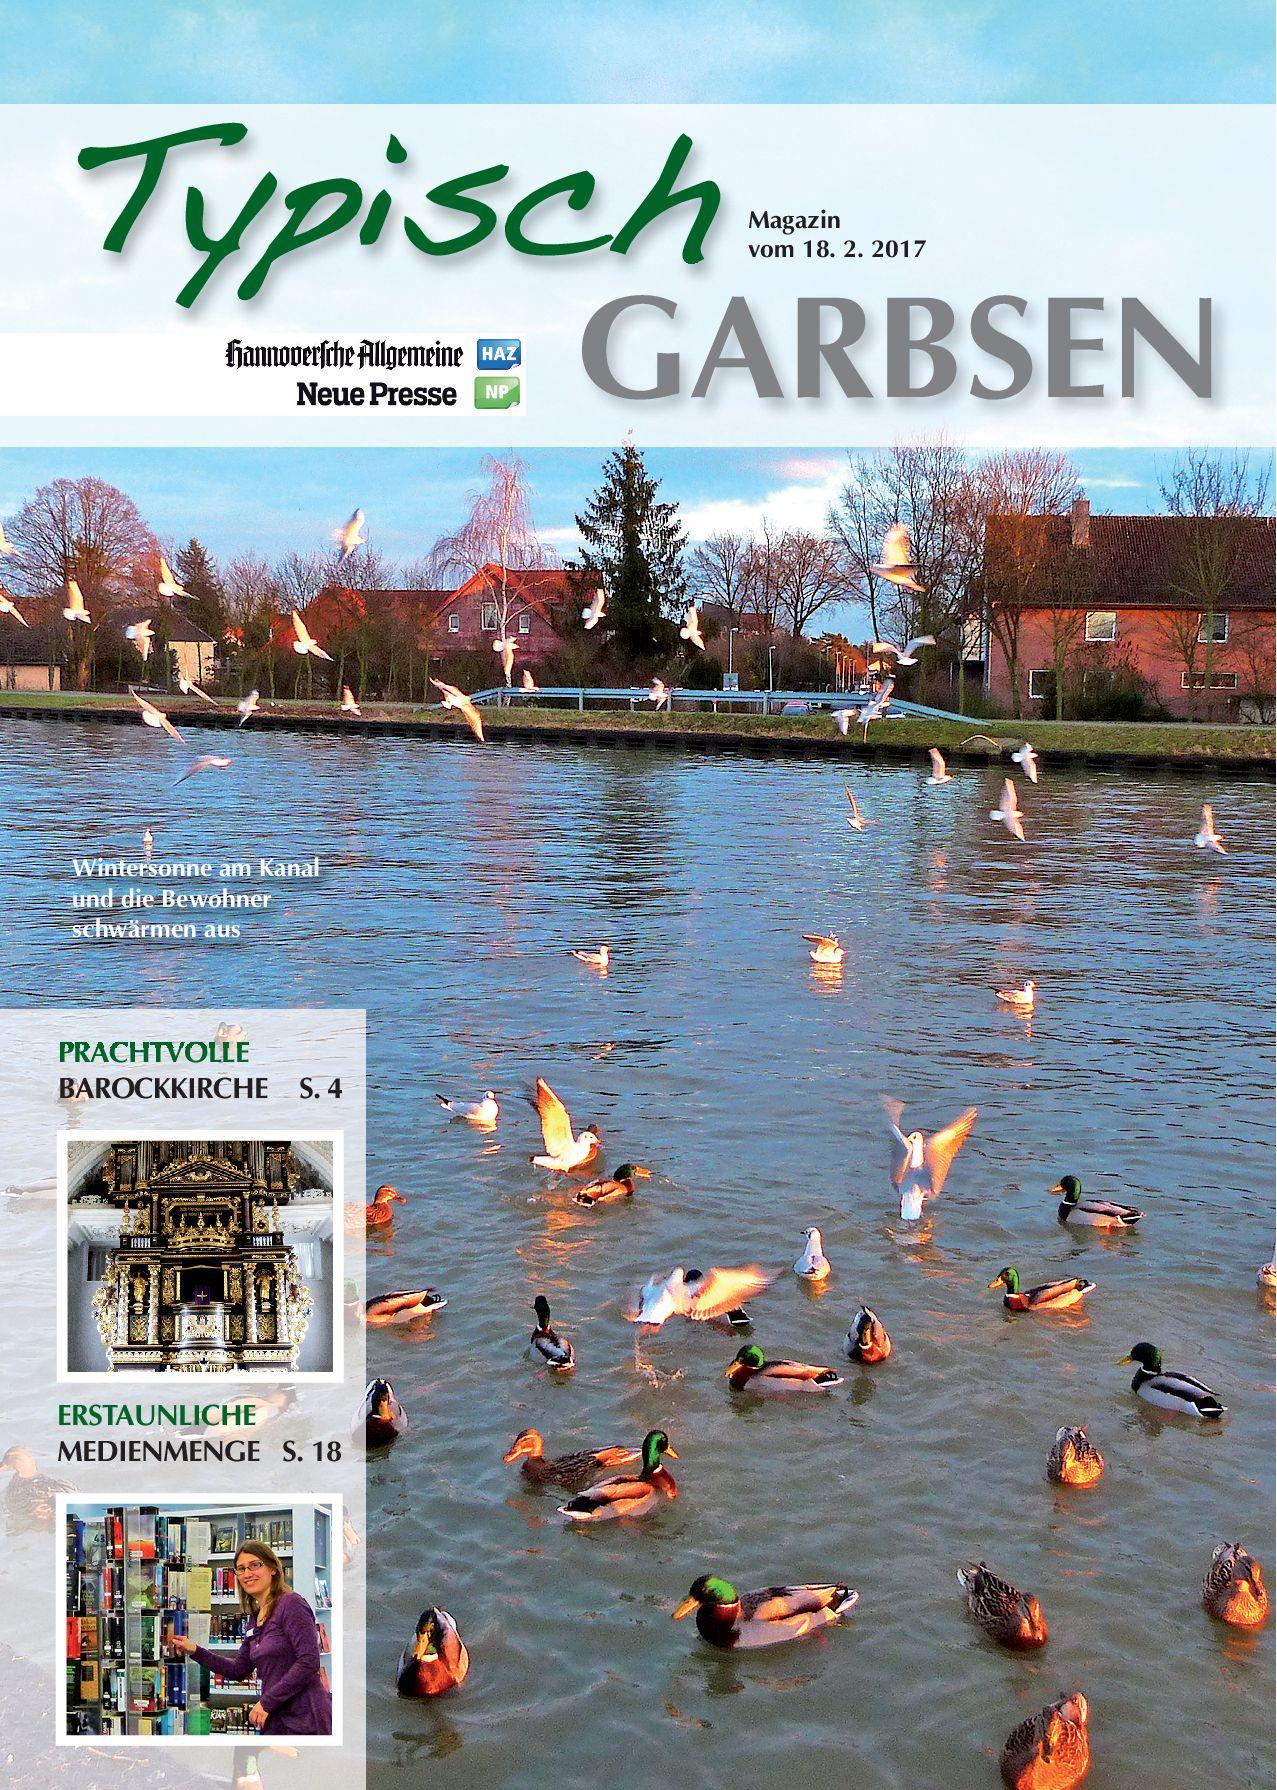 garbsen-nr-3-vom-18-02-2017